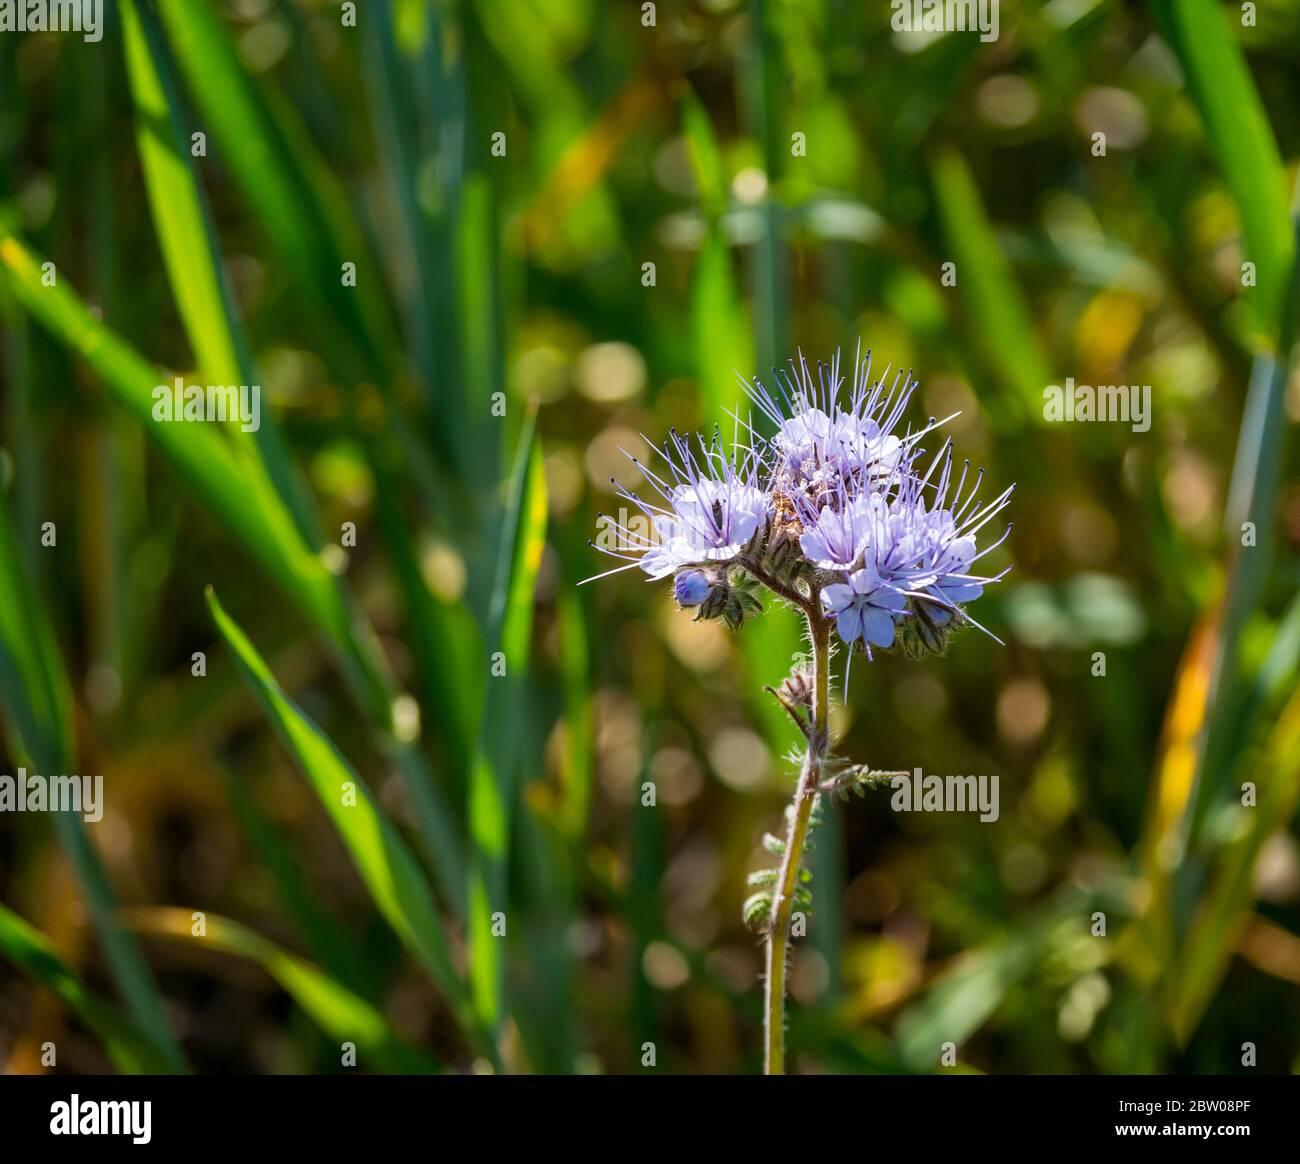 pretty-sunlit-purple-flowers-growing-in-